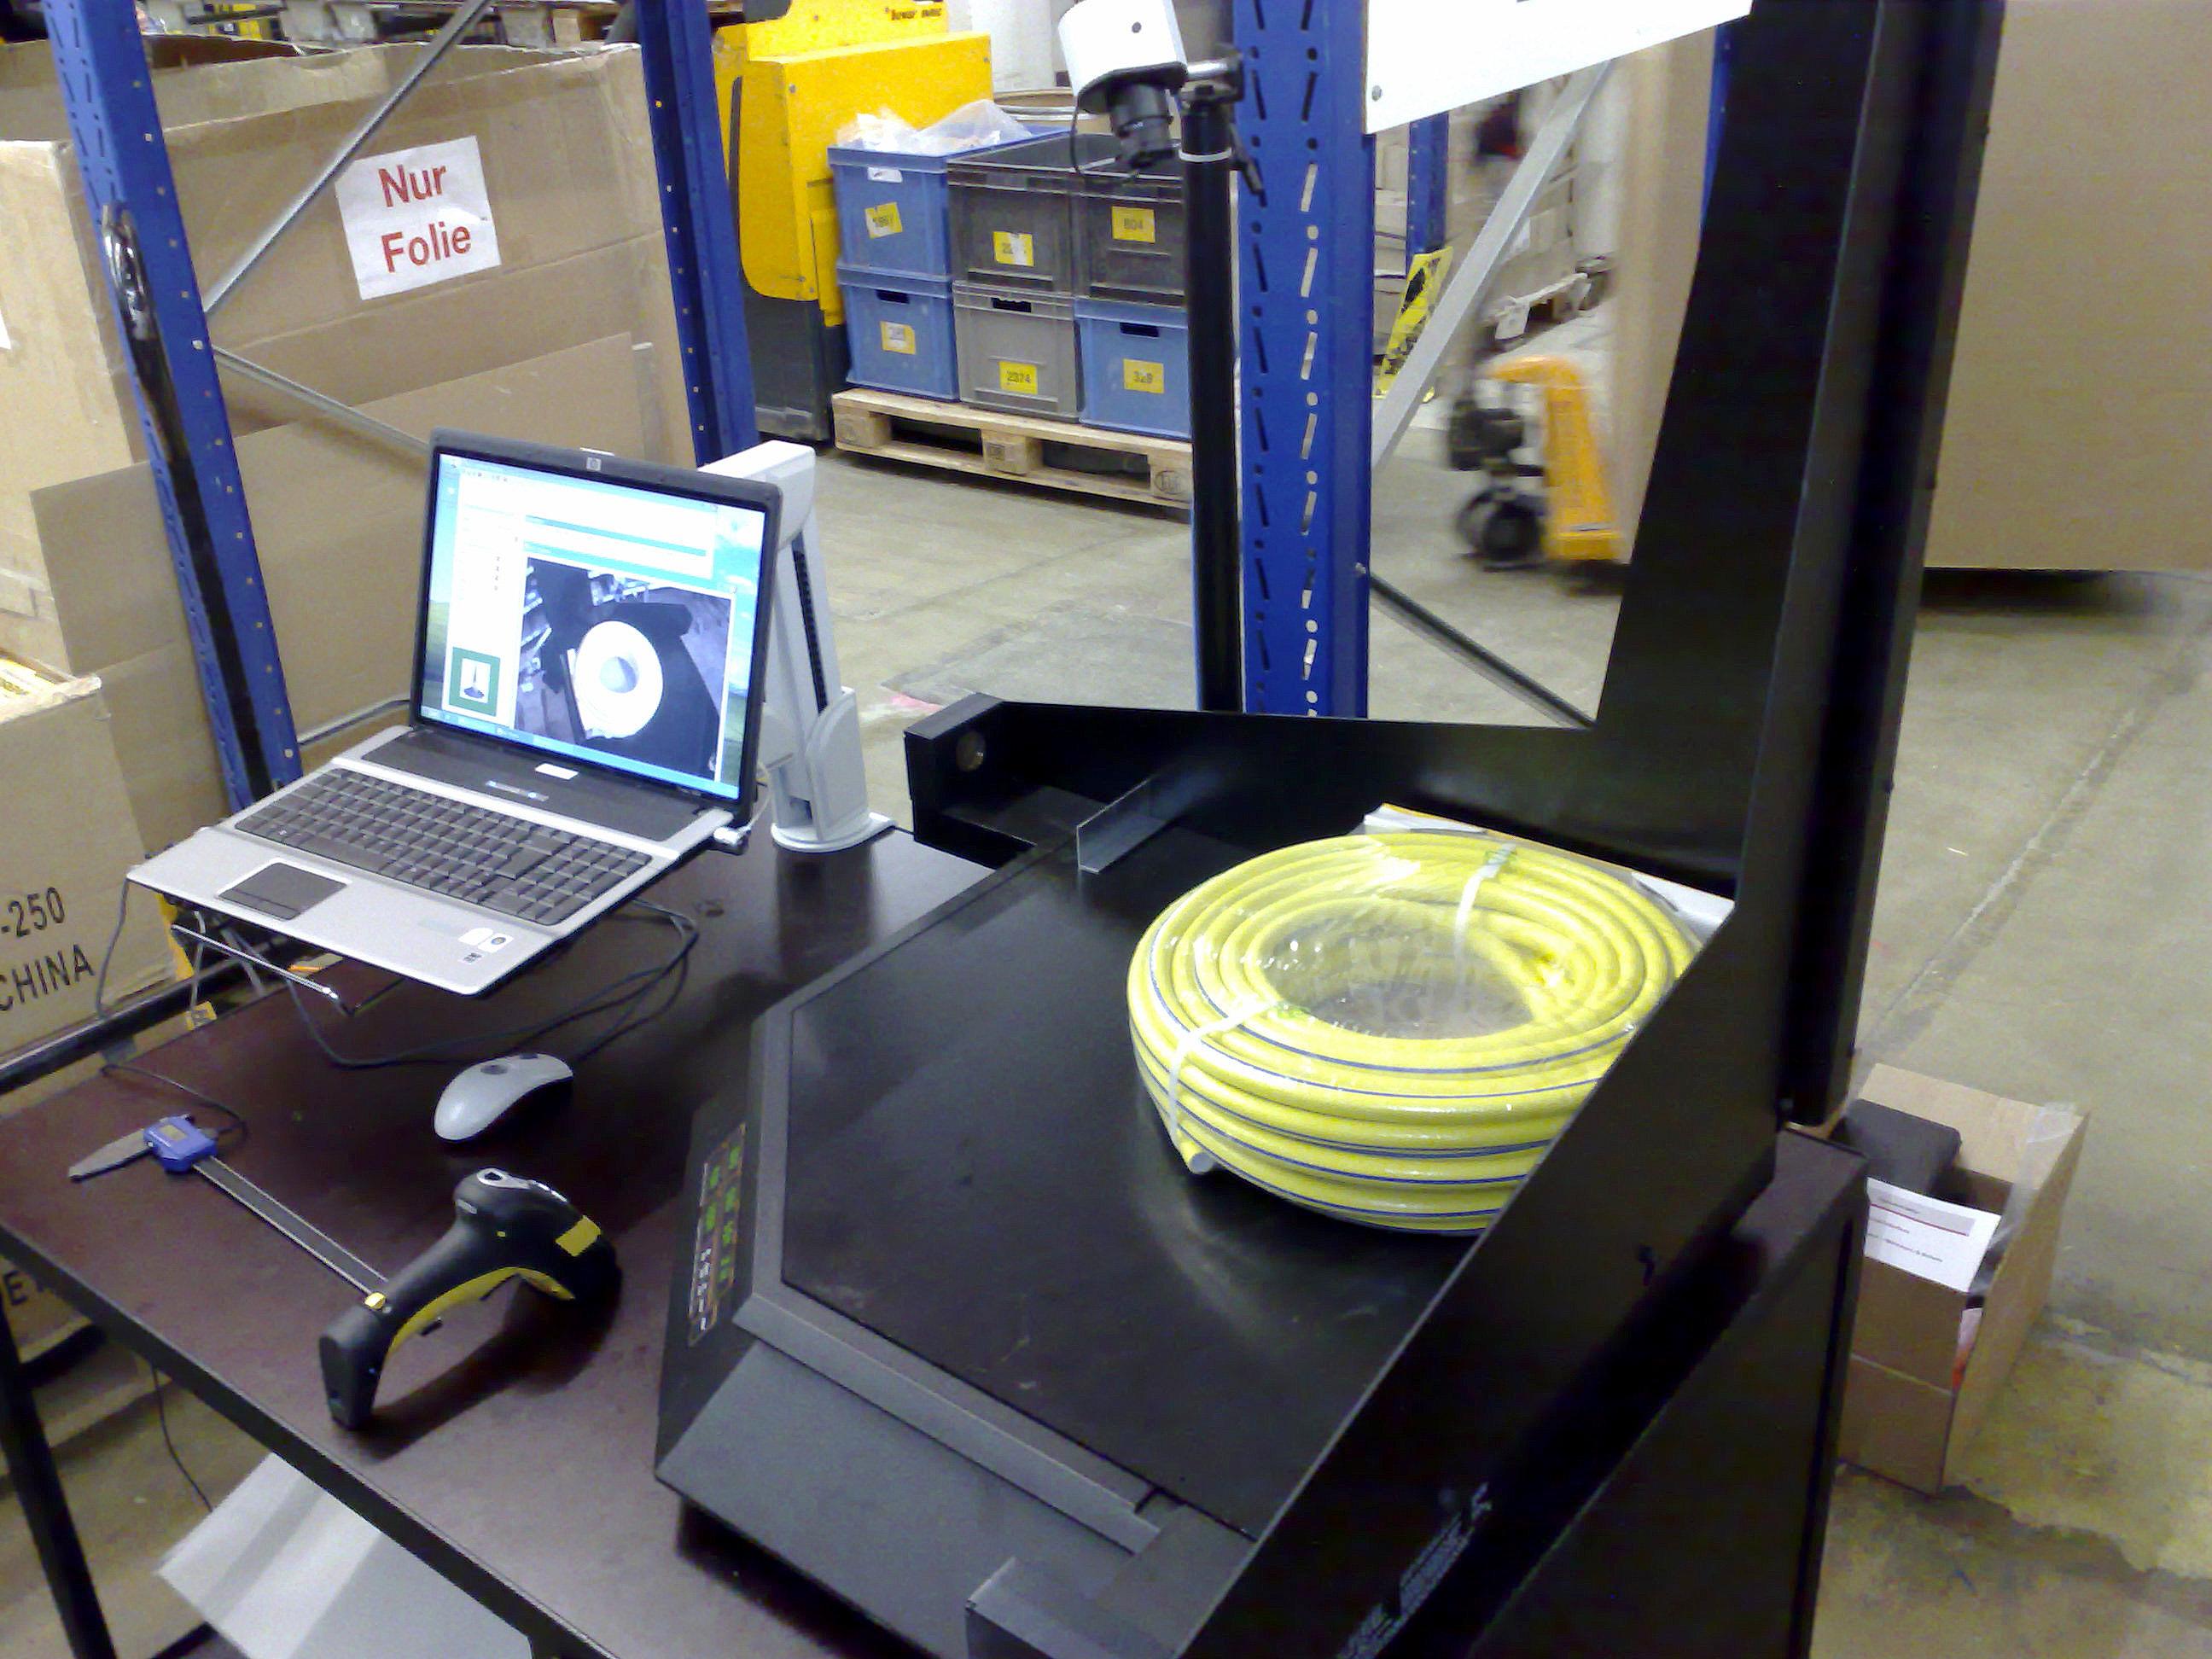 Cubiscan Volumenmessung Hardware Software Lagerverwaltung Wms Produktvermessung Wawi Lagerhaltung